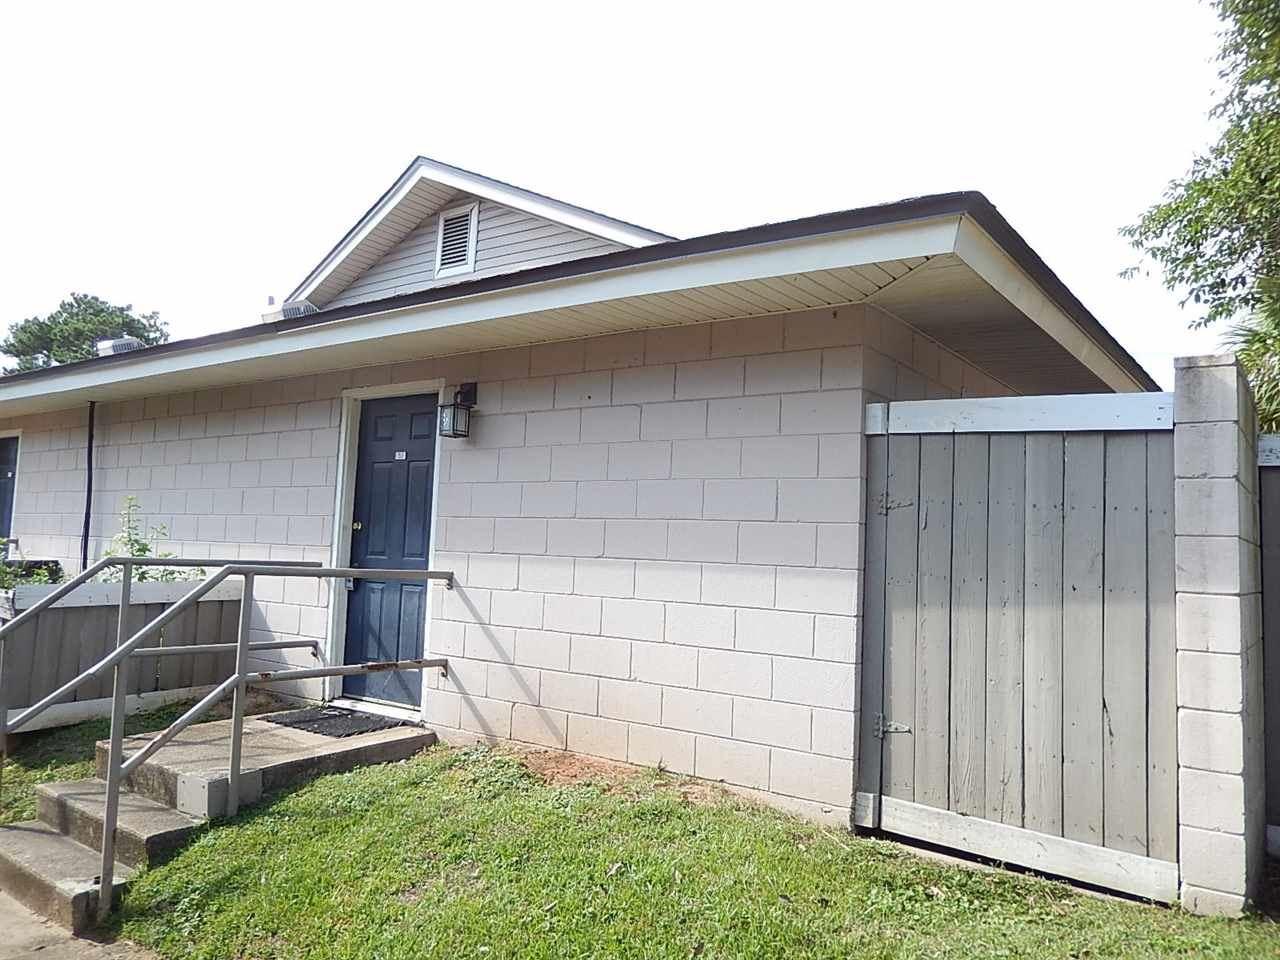 2241 W Pensacola unit 52 Street, Tallahassee, FL 32304 - MLS#: 329142